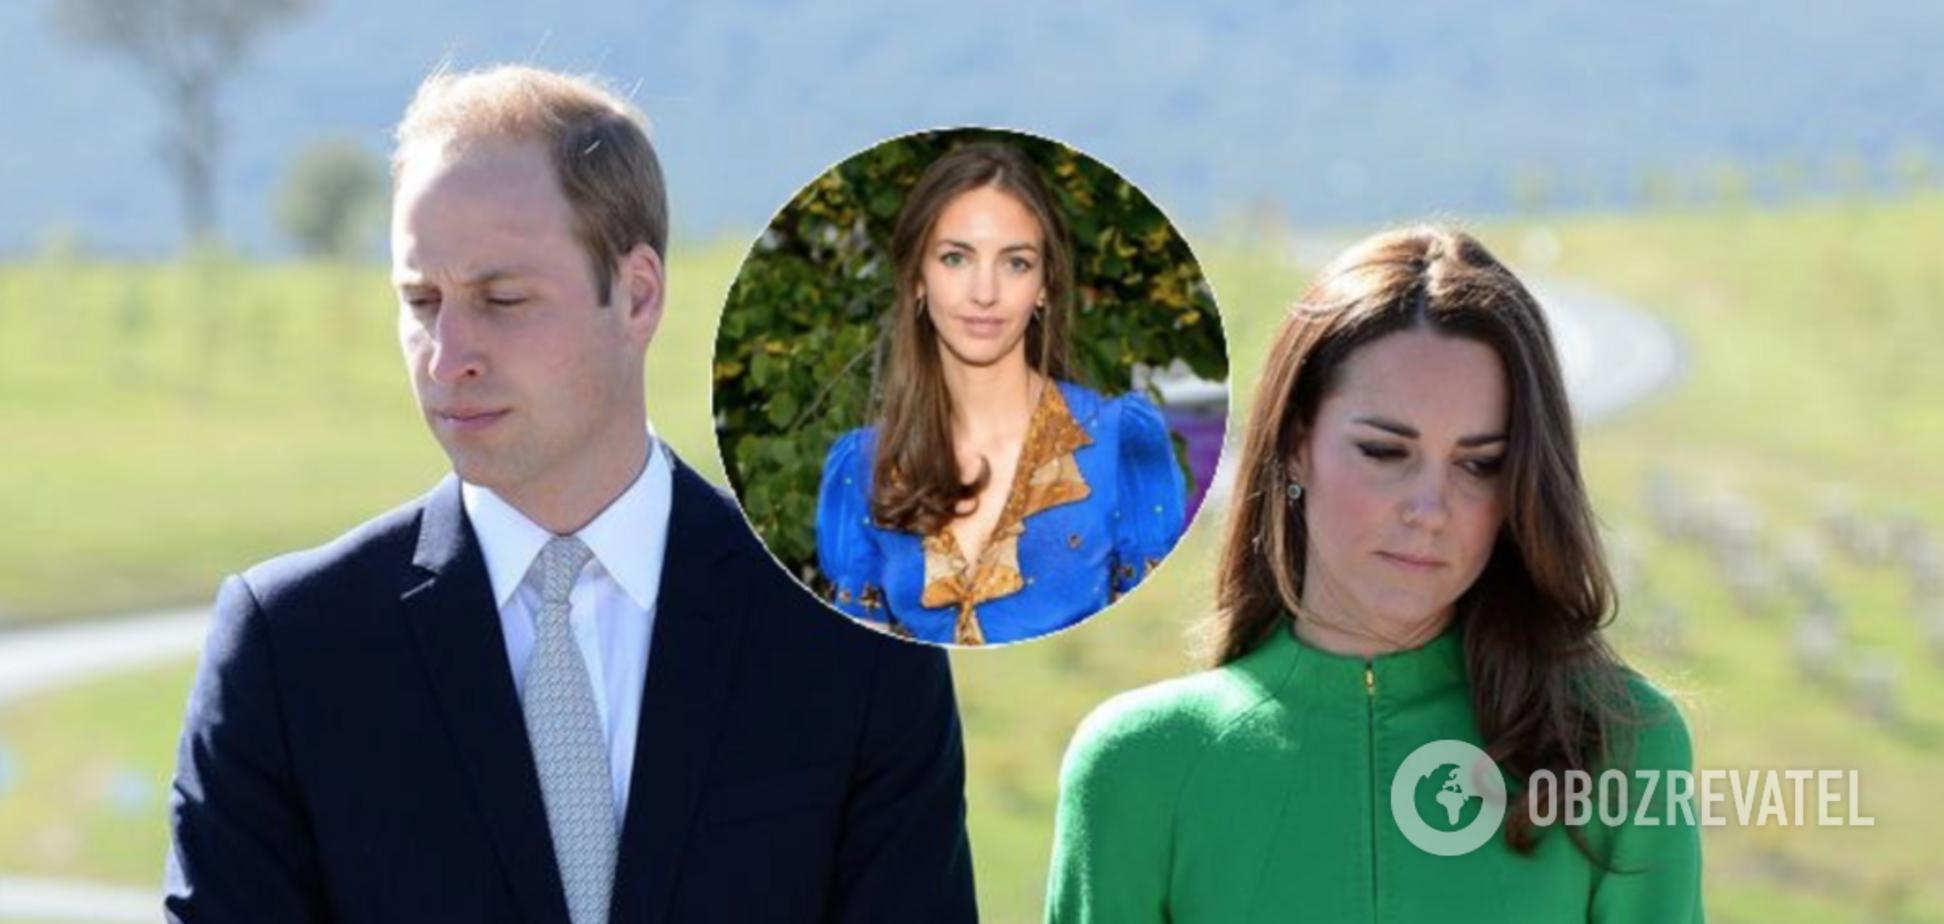 Изменил с близкой подругой: в СМИ сообщили о скандале между Миддлтон и принцом Уильямом